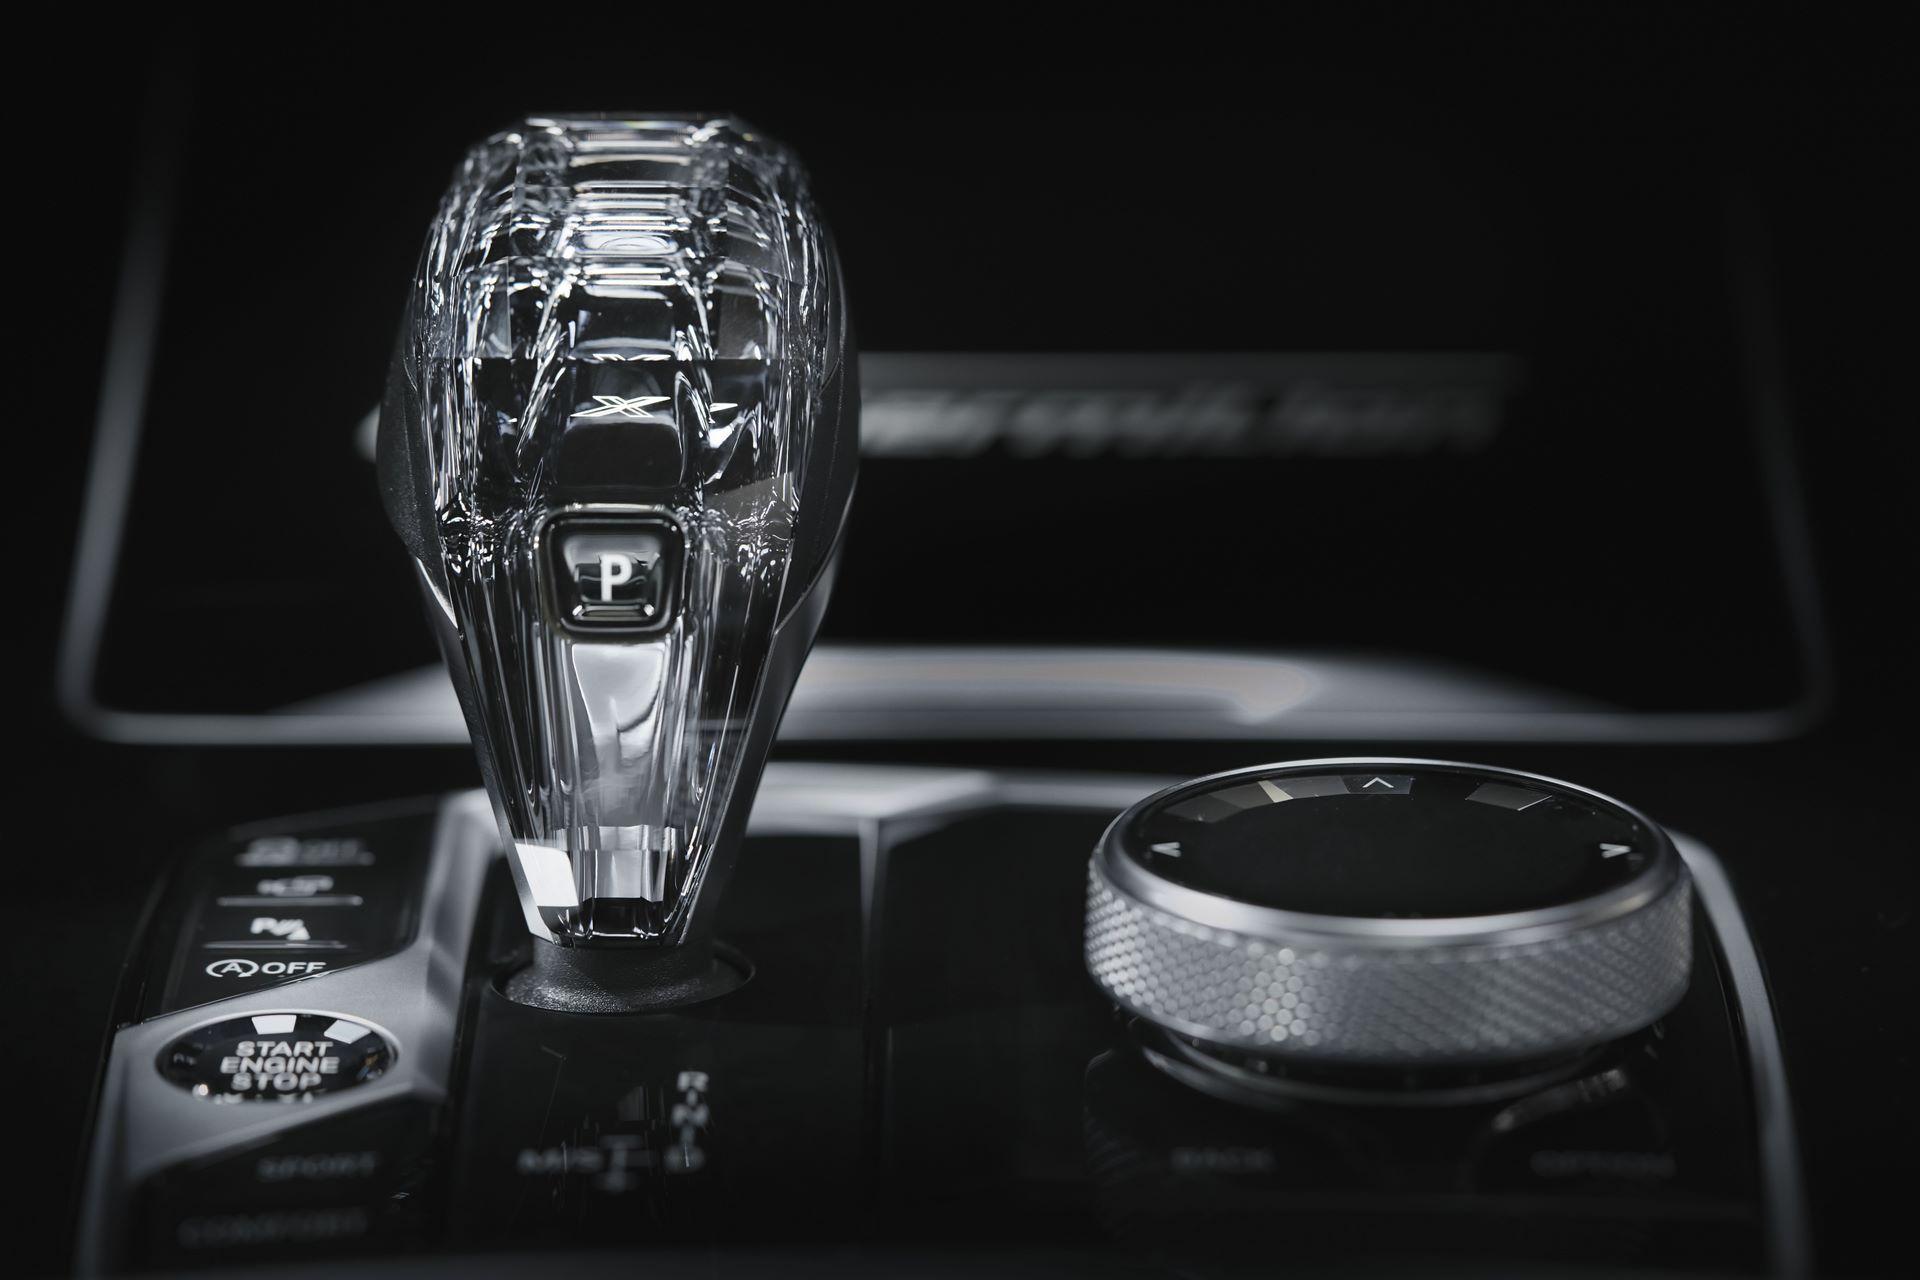 BMW-X5-Χ6-Black-Vermilion-X7-Limited-Edition-18